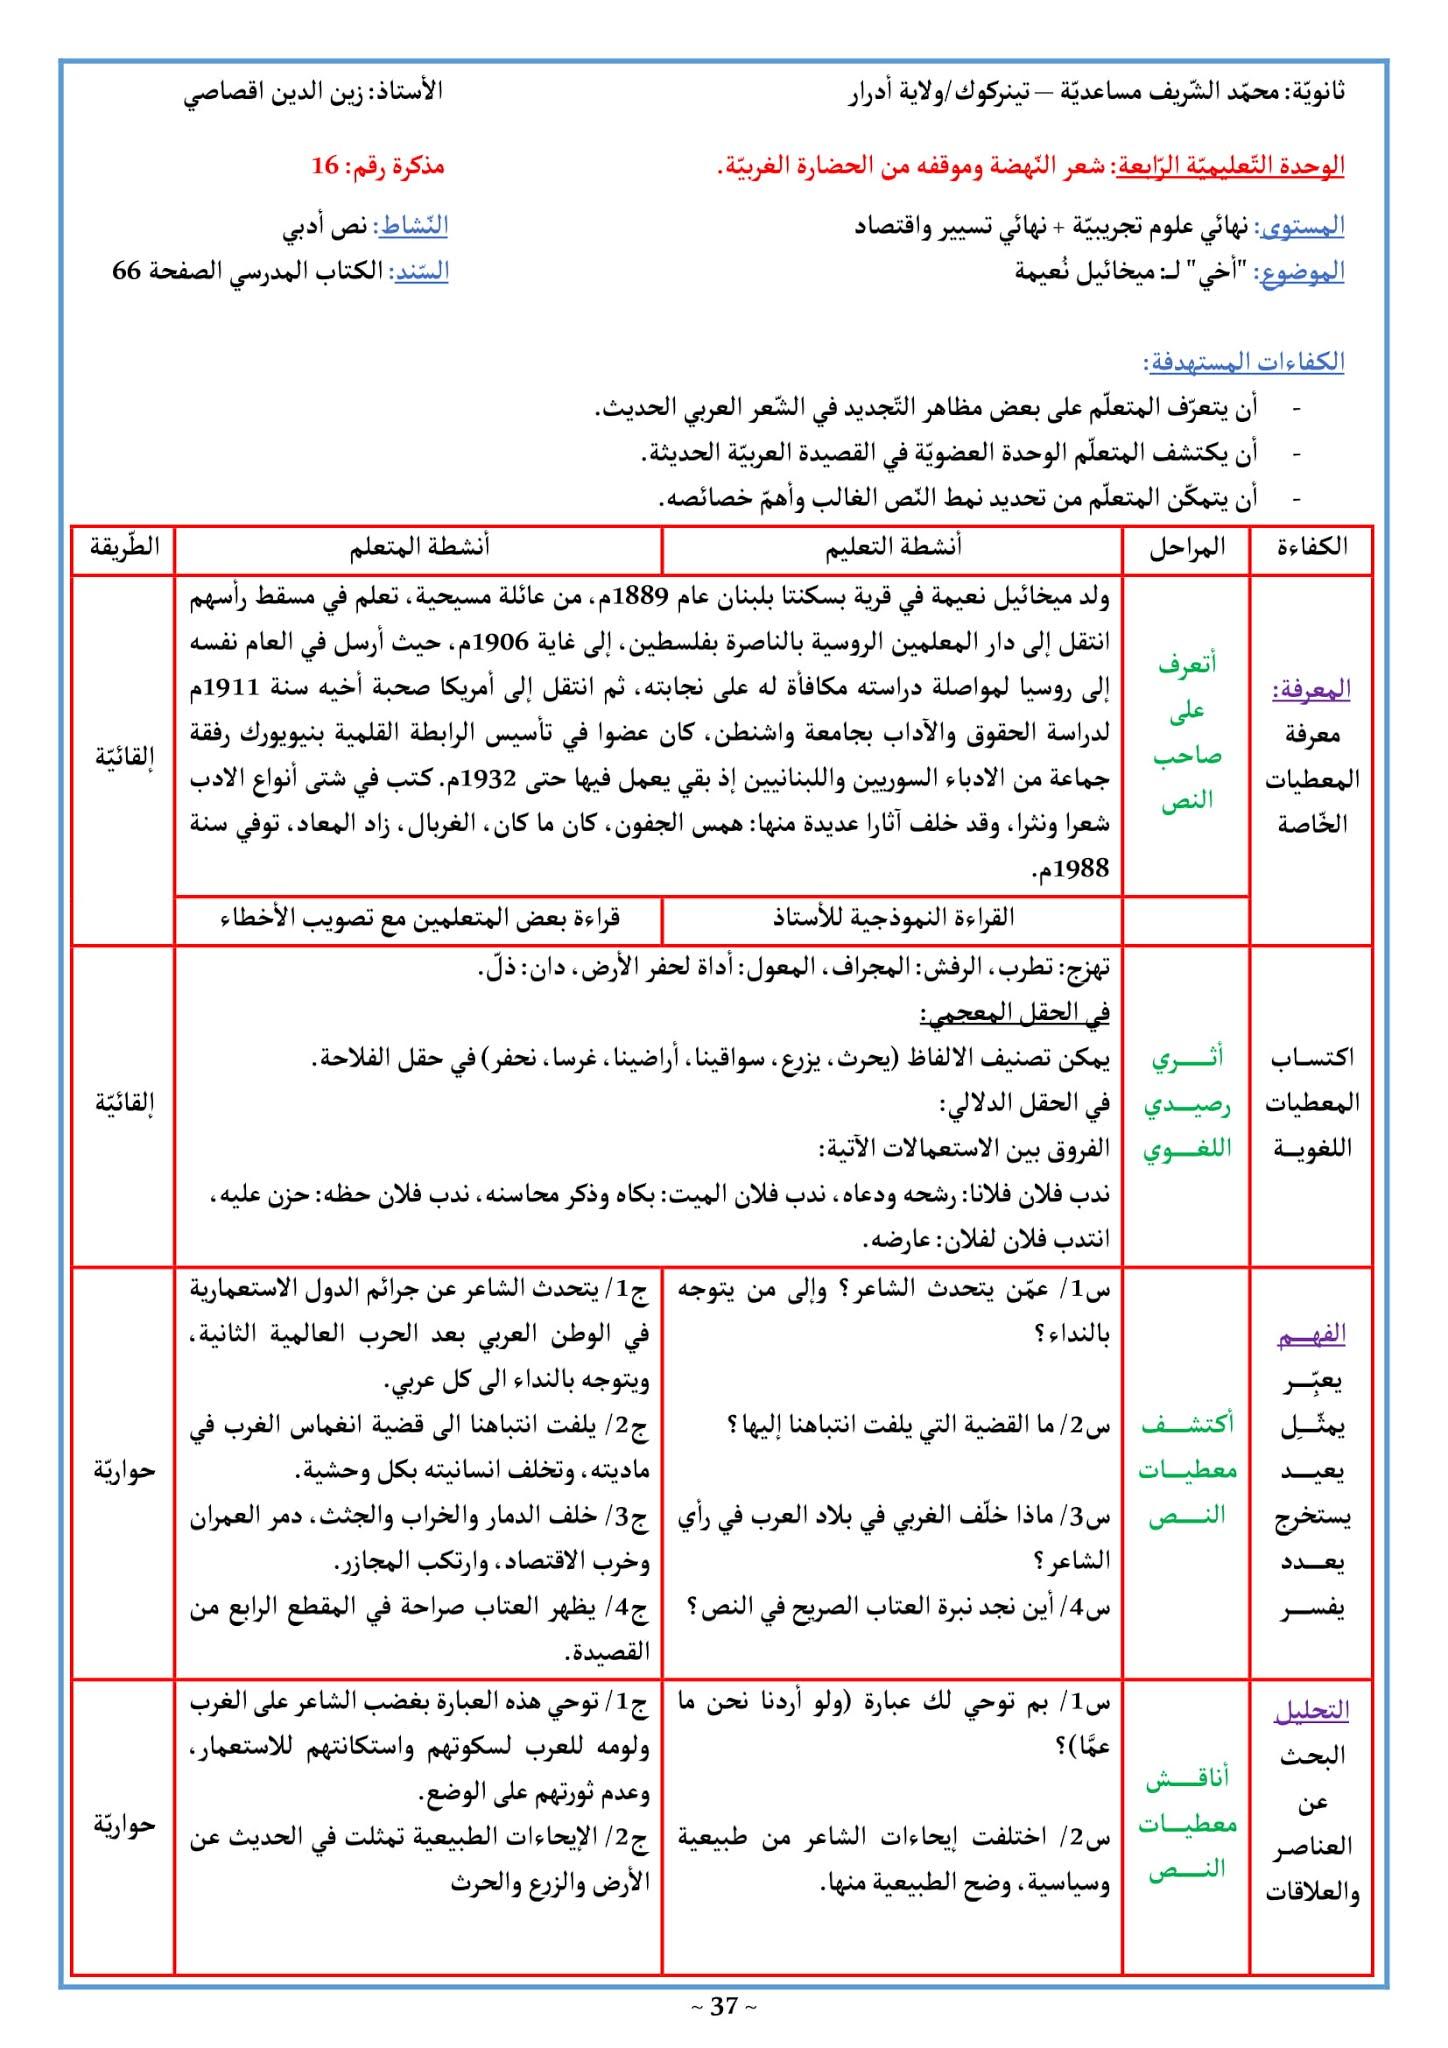 تحضير نص أخي ميخائيل نعيمة 3 ثانوي علمي | موقع التعليم الجزائري - Dzetude